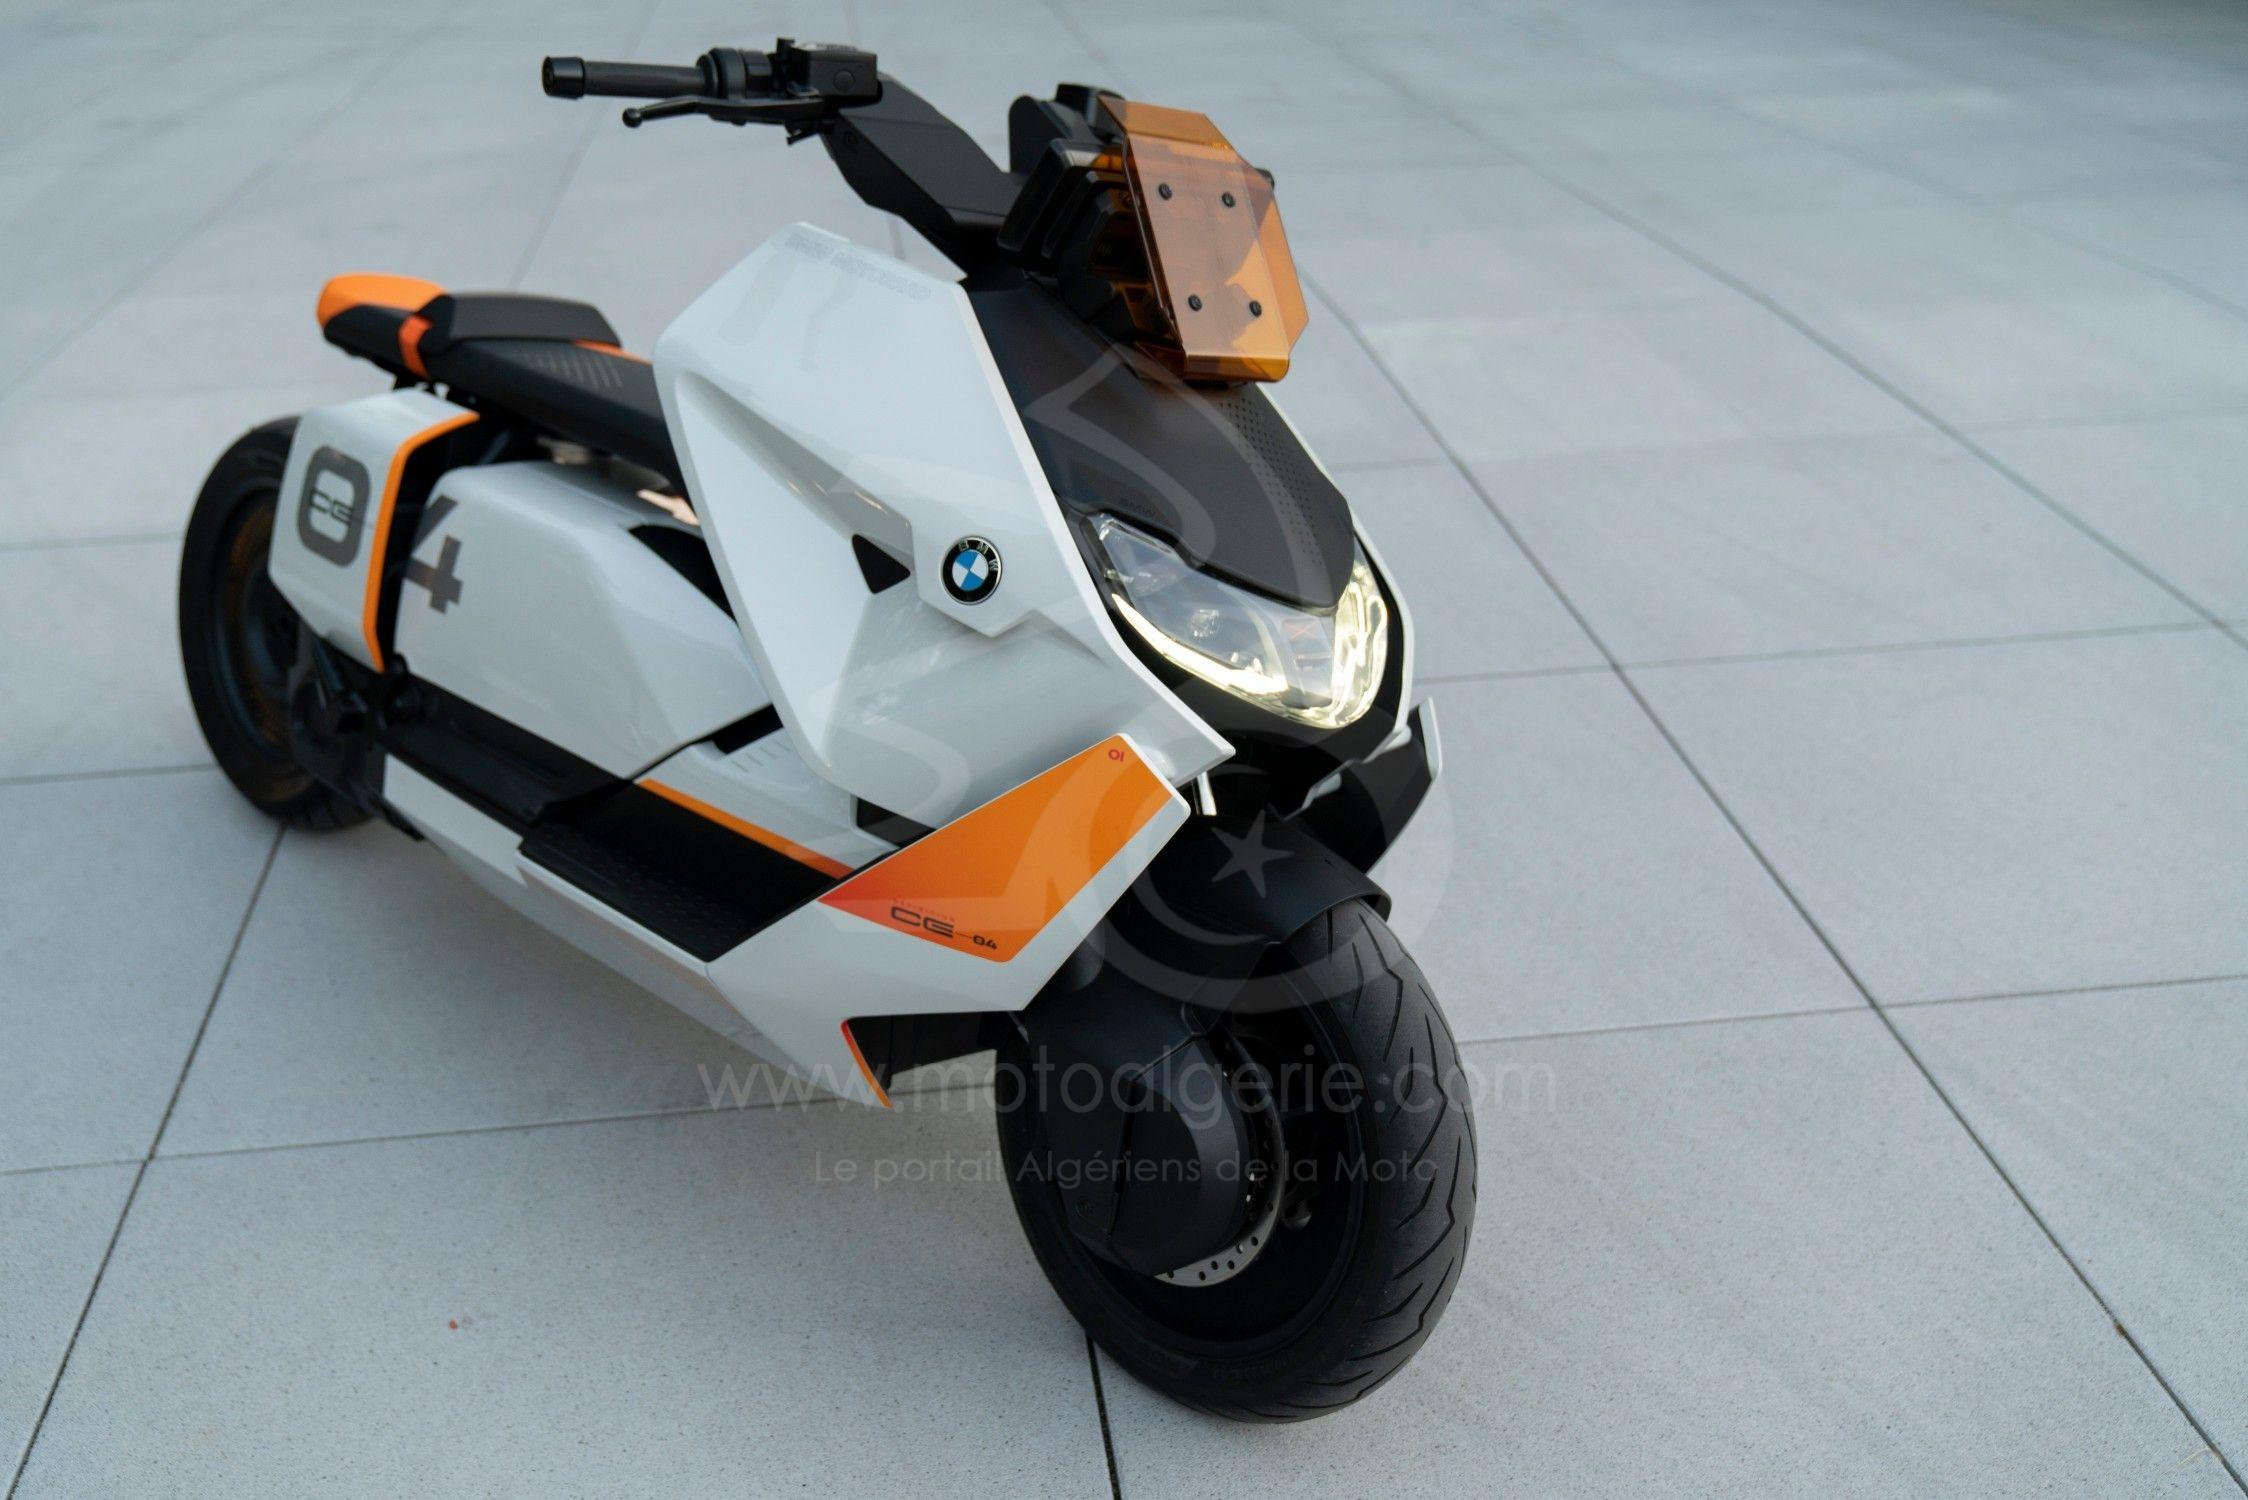 BMW Définition CE 04. Le nouveau style de la mobilité urbaine sur deux roues